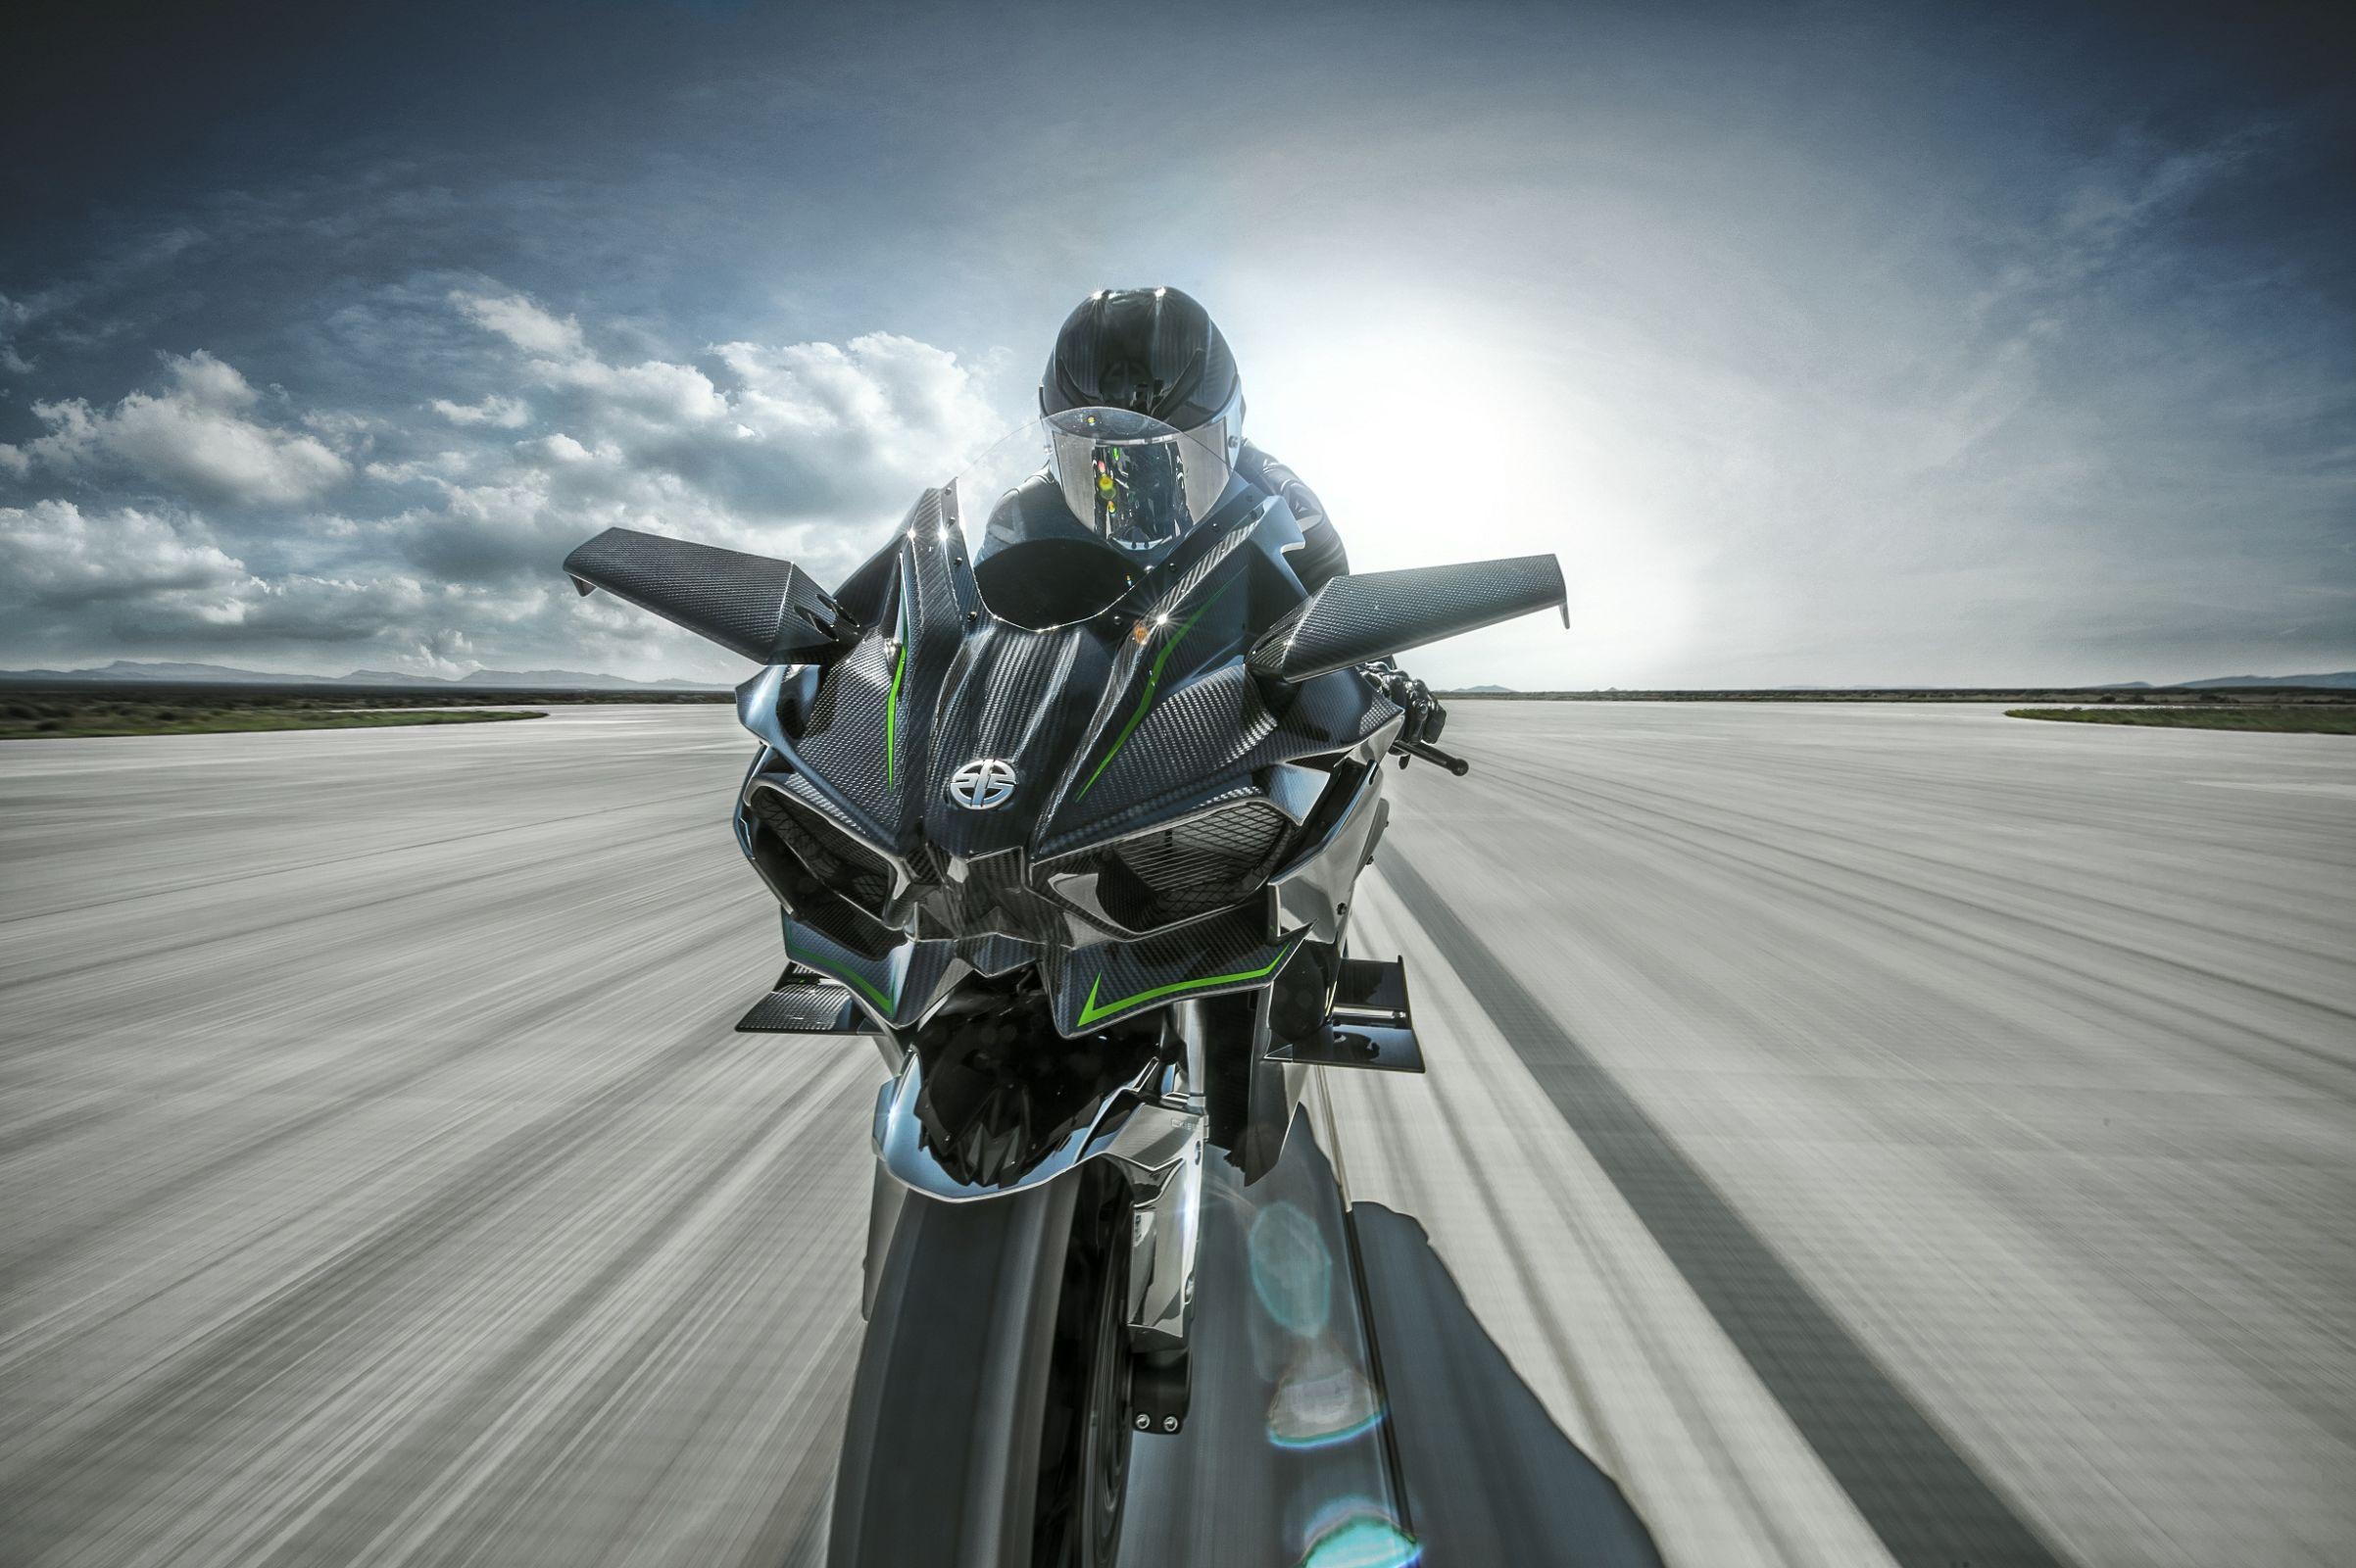 Kawasaki Ninja H2R: asas invertidas para downforce